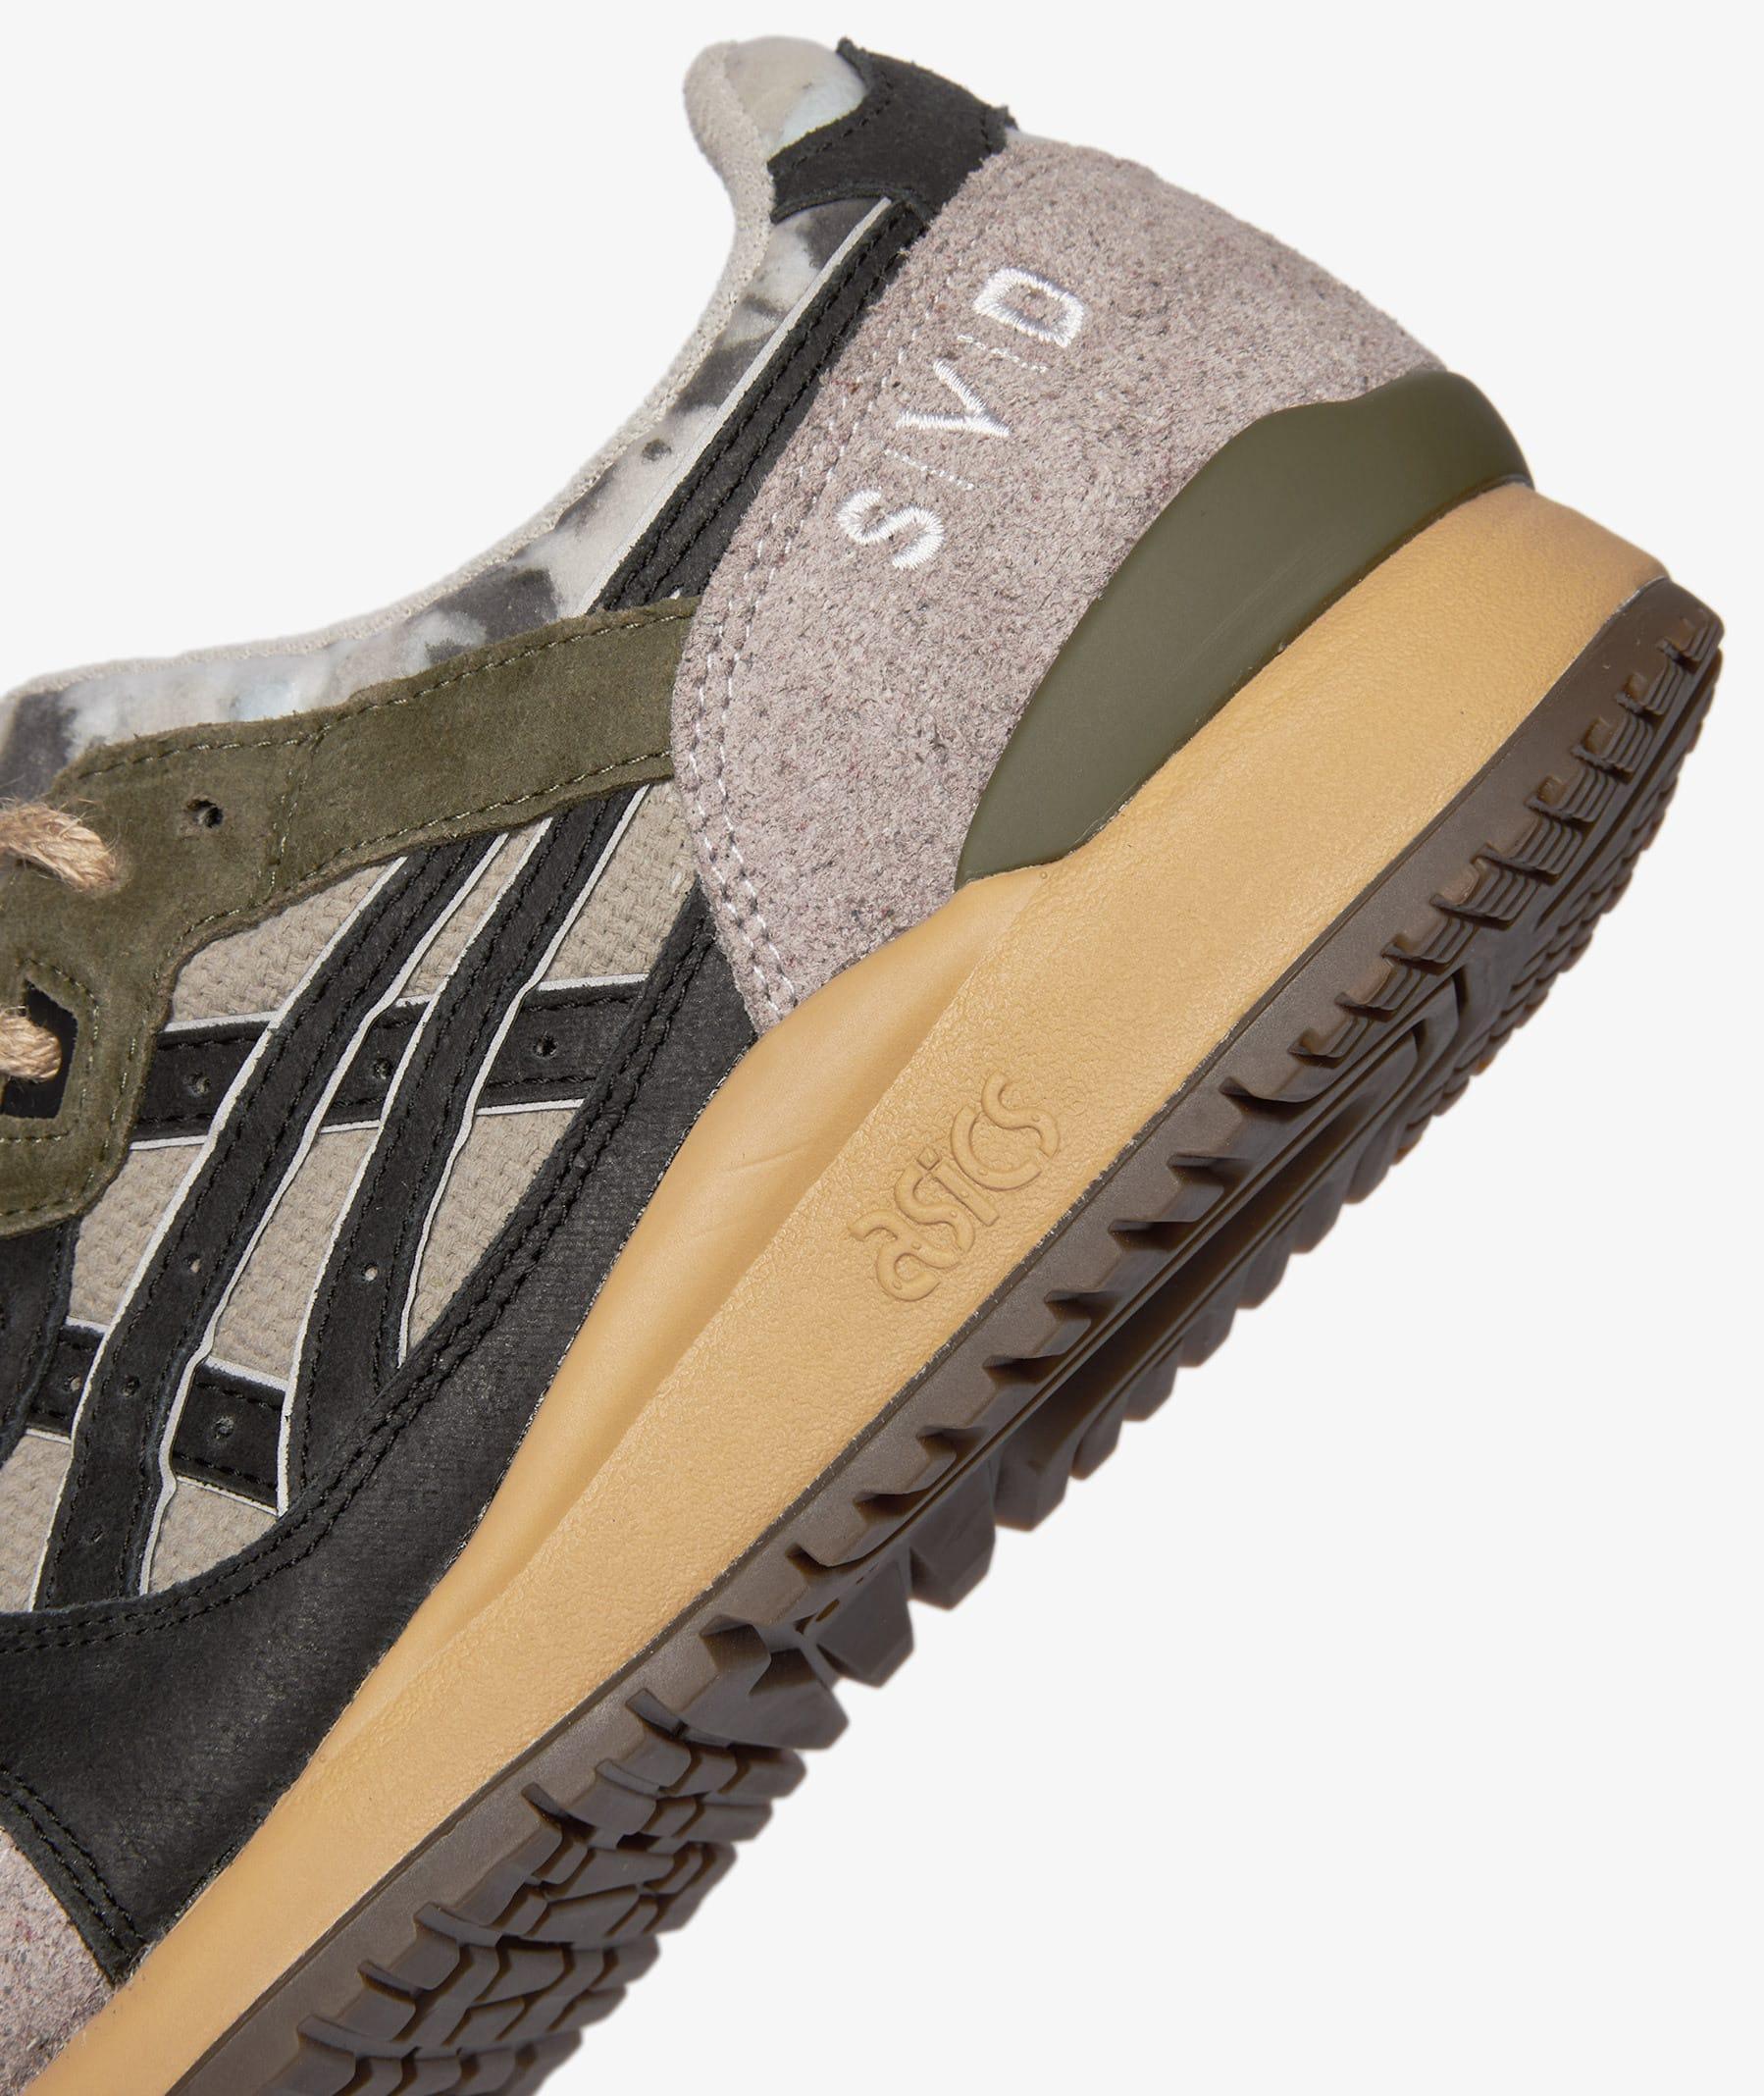 SVD x Asics Gel-Lyte 3 Heel